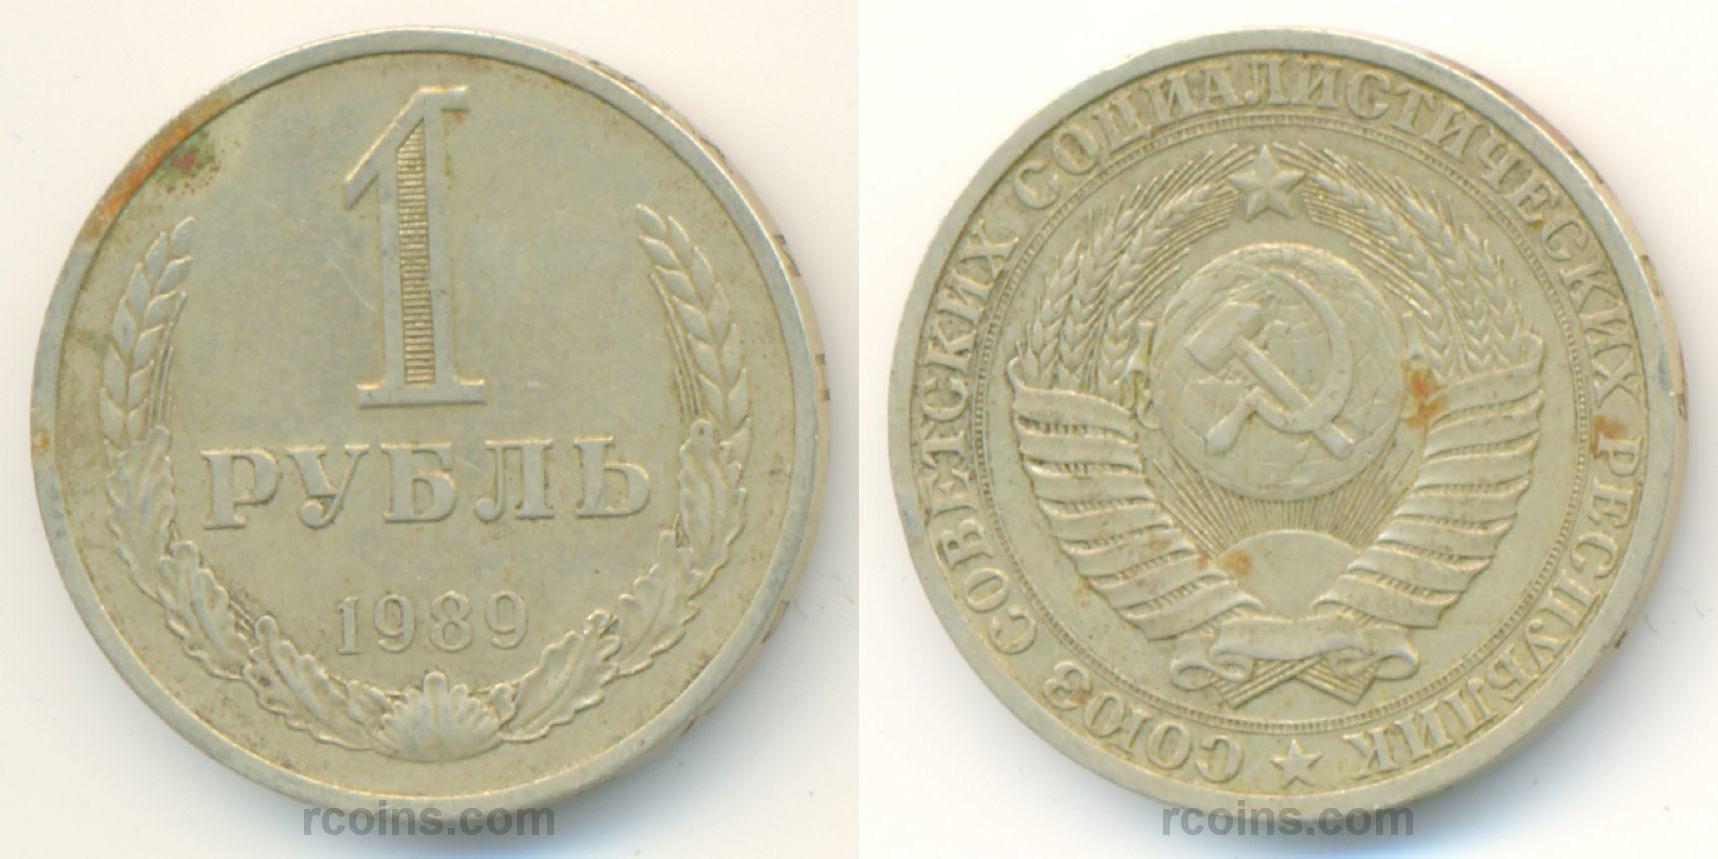 a1-rubl-1989.jpg